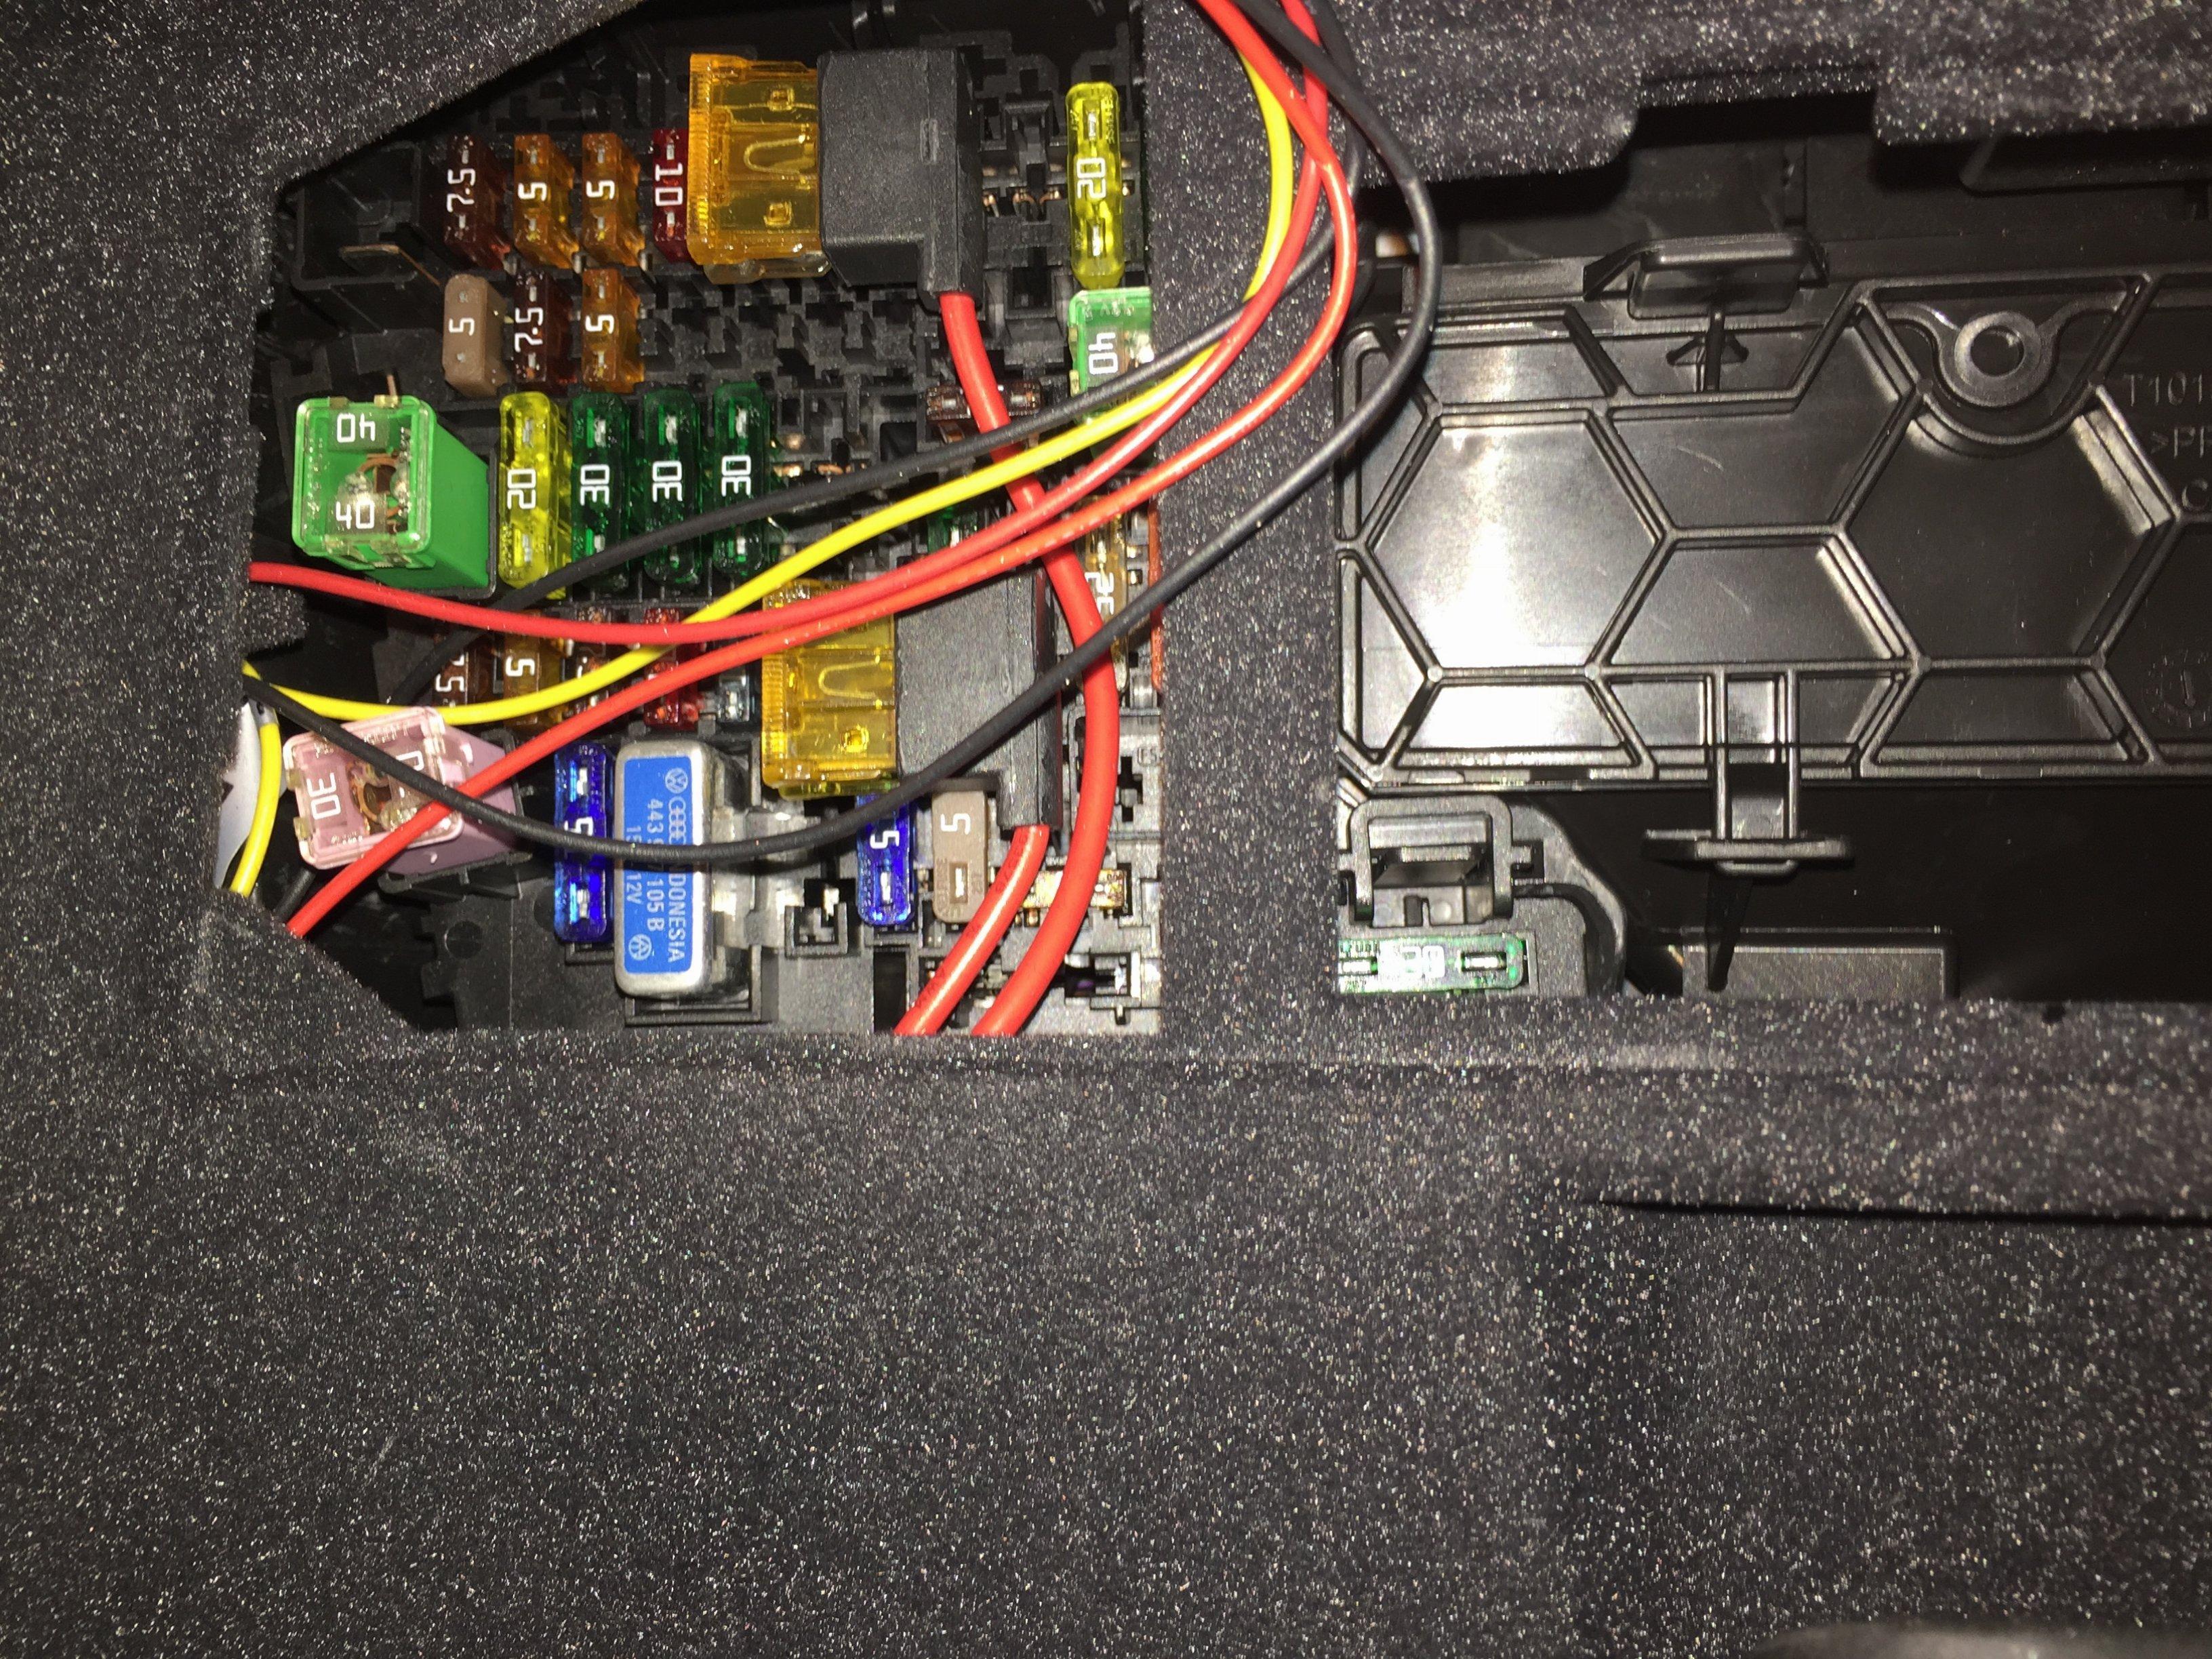 audi a3 fuse box cigarette lighter vw corrado fuse box 2006 Audi A4 Fuse Box Diagram 2002 Audi A4 Fuse Box Diagram